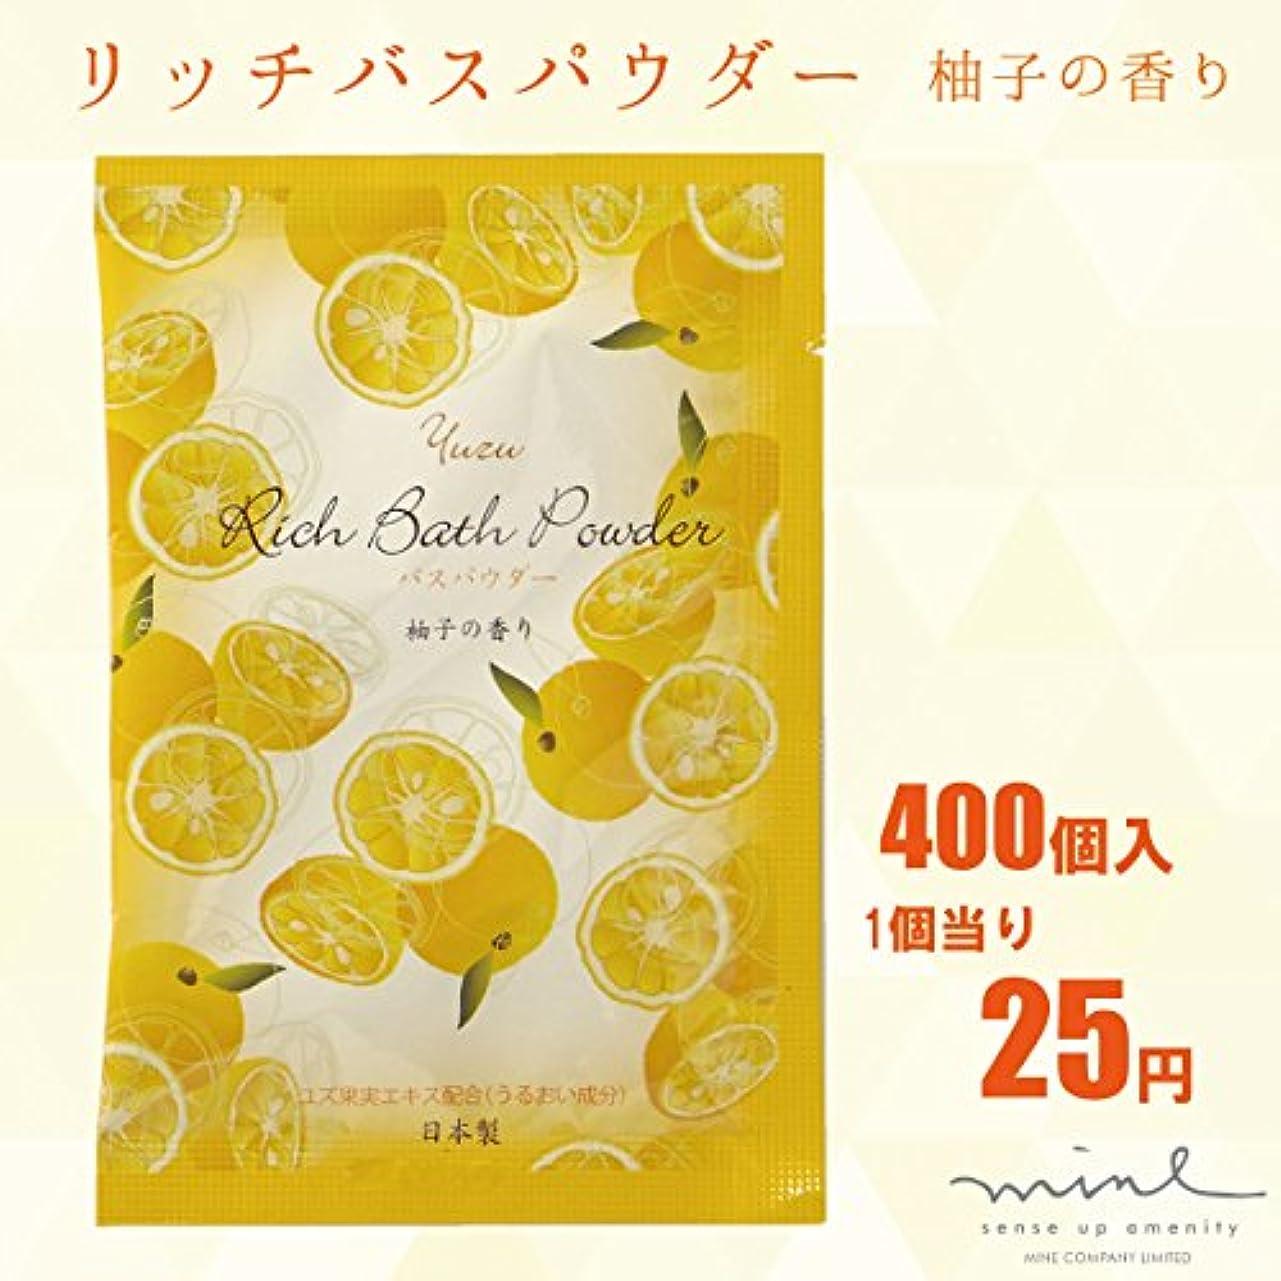 学生固める他にリッチバスパウダー20g 柚子の香り × 400個